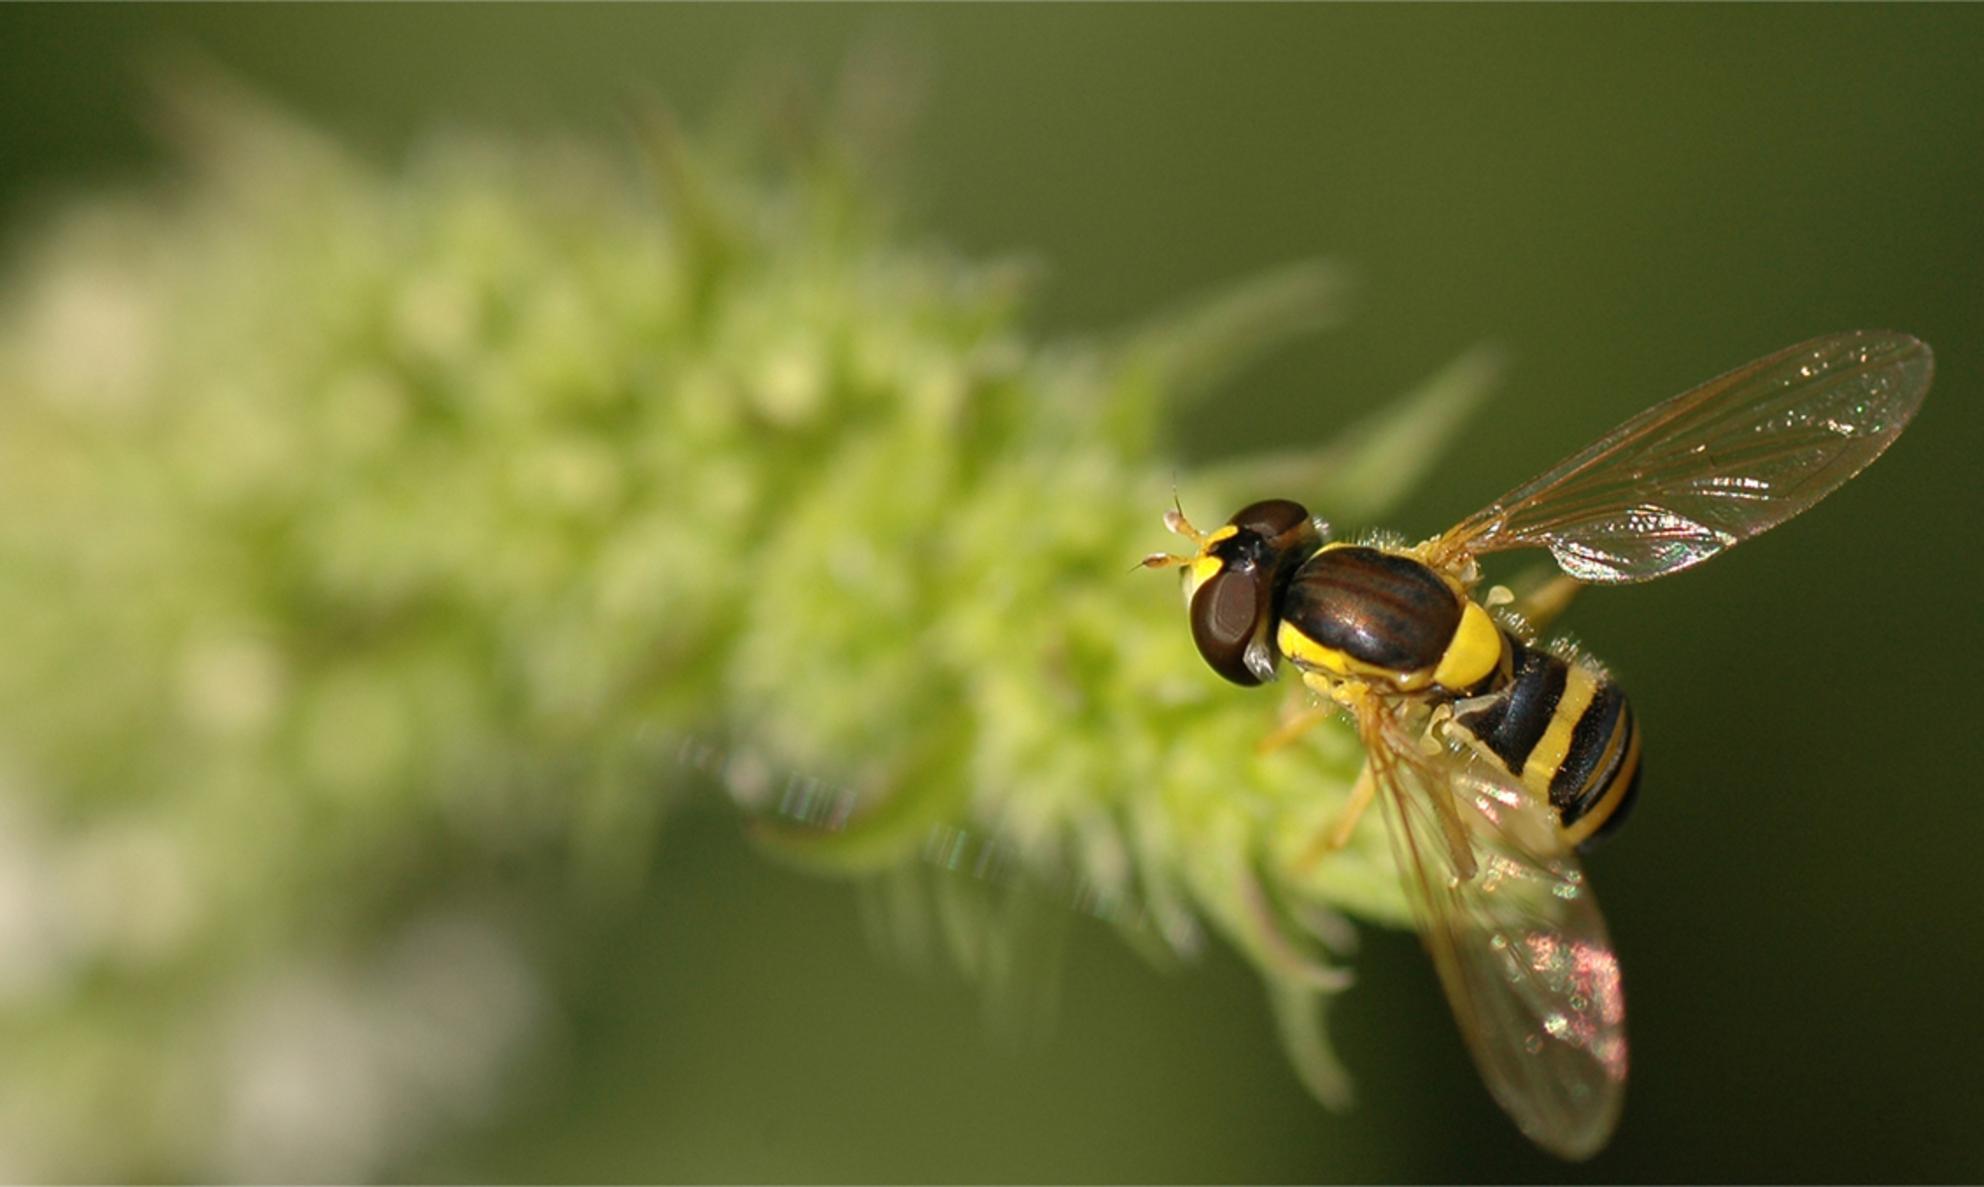 Zweefvlieg - - - foto door Lailaat op 03-08-2008 - deze foto bevat: macro, wesp, bij, vlieg, zweefvlieg, insect, nikon, tamron, biemie, nerds - Deze foto mag gebruikt worden in een Zoom.nl publicatie